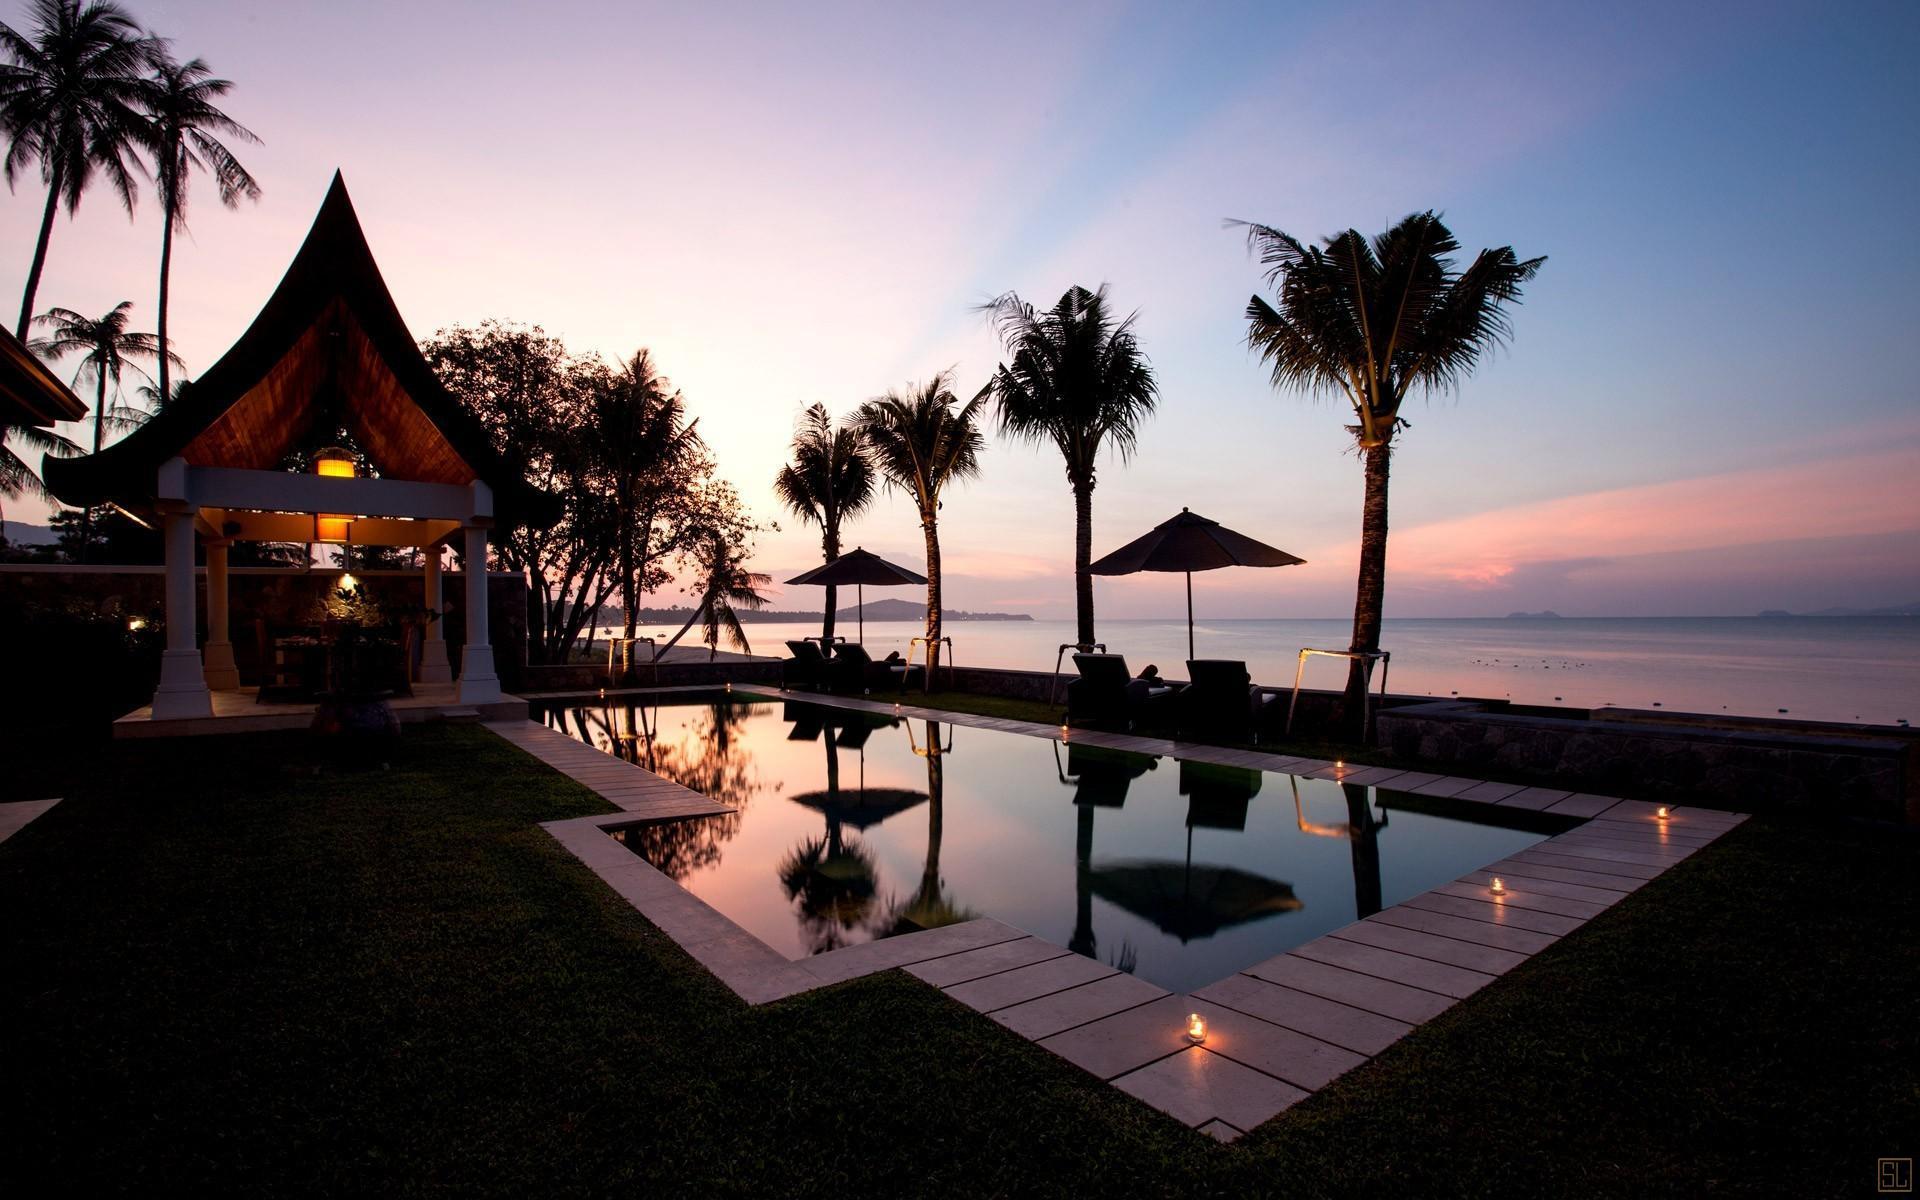 泰国苏梅岛密斯卡湾西拉别墅独立泳池